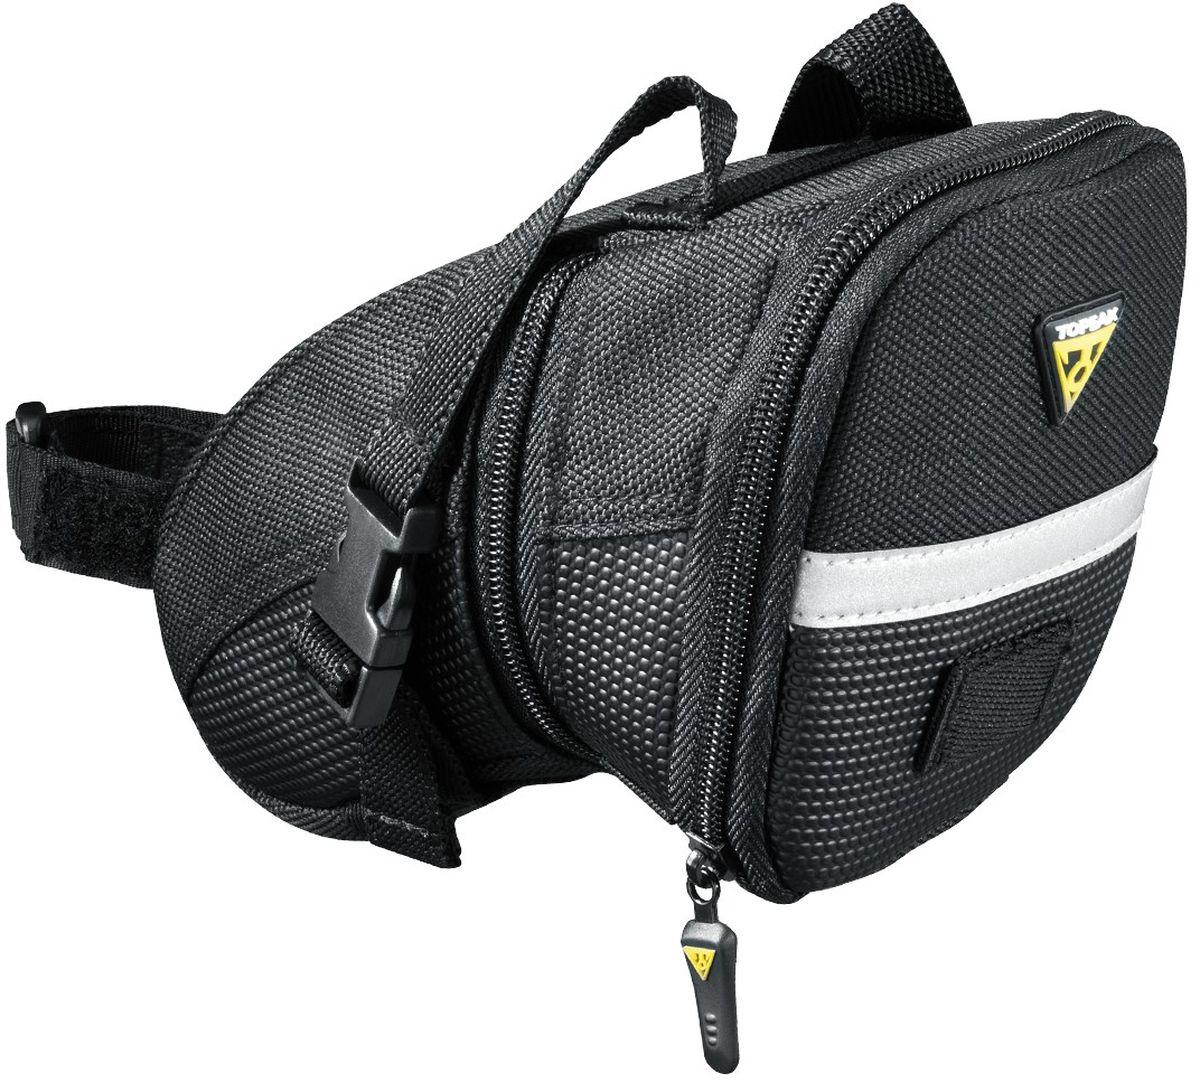 """Сумка подседельная TOPEAK Aero Wedge Pack, с креплением на липучкеTC2471BКачественная велосумка под седло. Светоотражающие элементы, удобное крепление. 1.48 - 1.97 L / 90 - 120 ci (Large). 23 x 14 x 13 cm / 9.1"""" x 5.5"""" x 5.1"""" (Large). 165 g / 5.81 oz (Large)."""